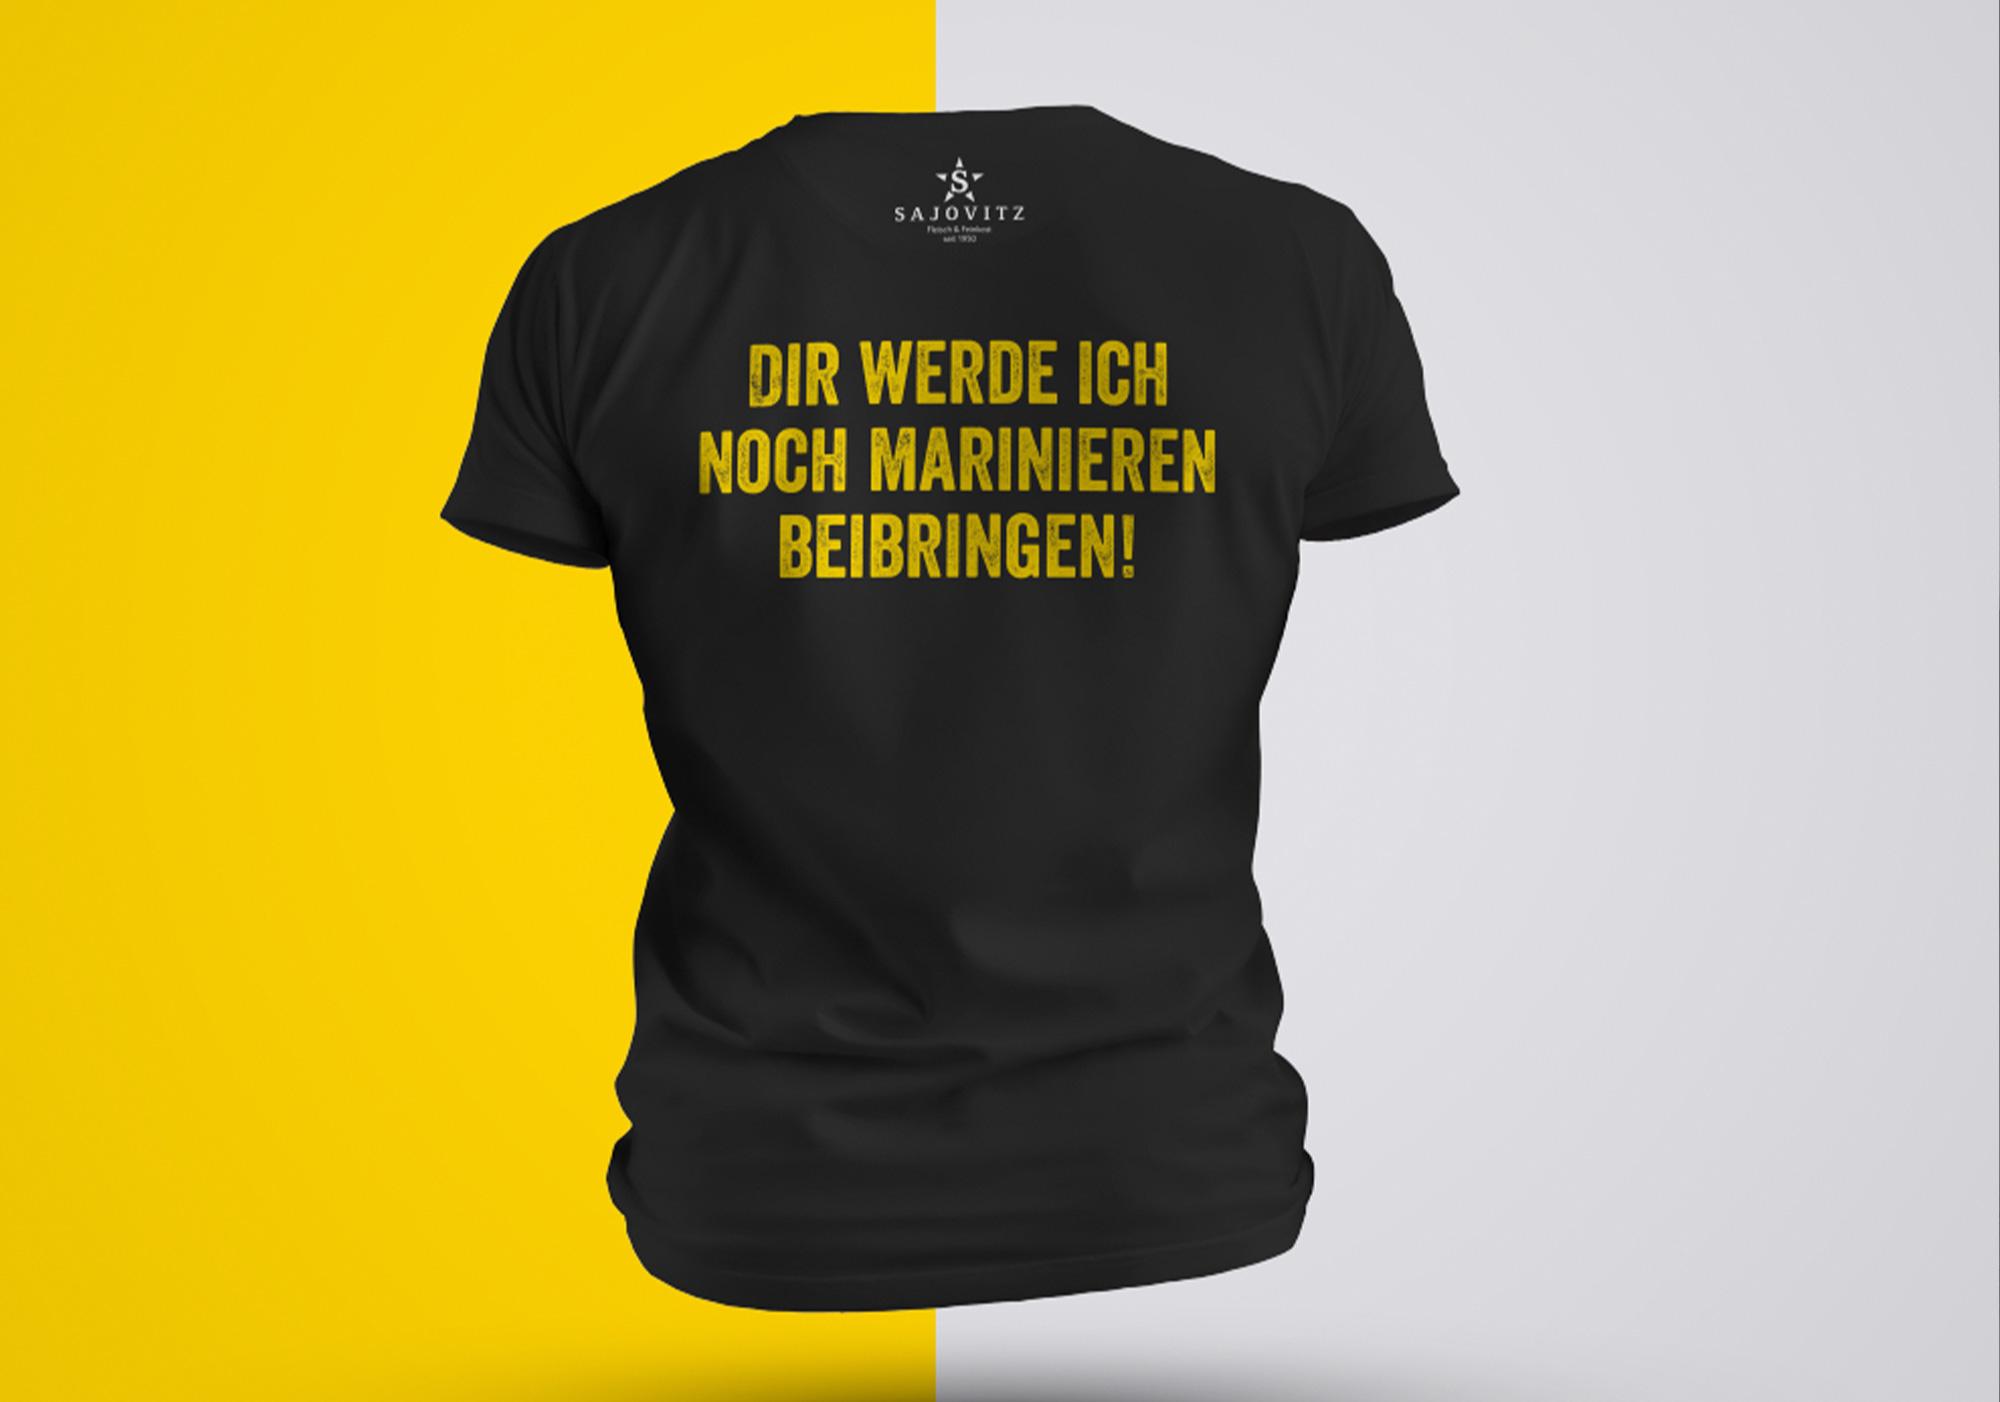 sajovitz_t-shirt